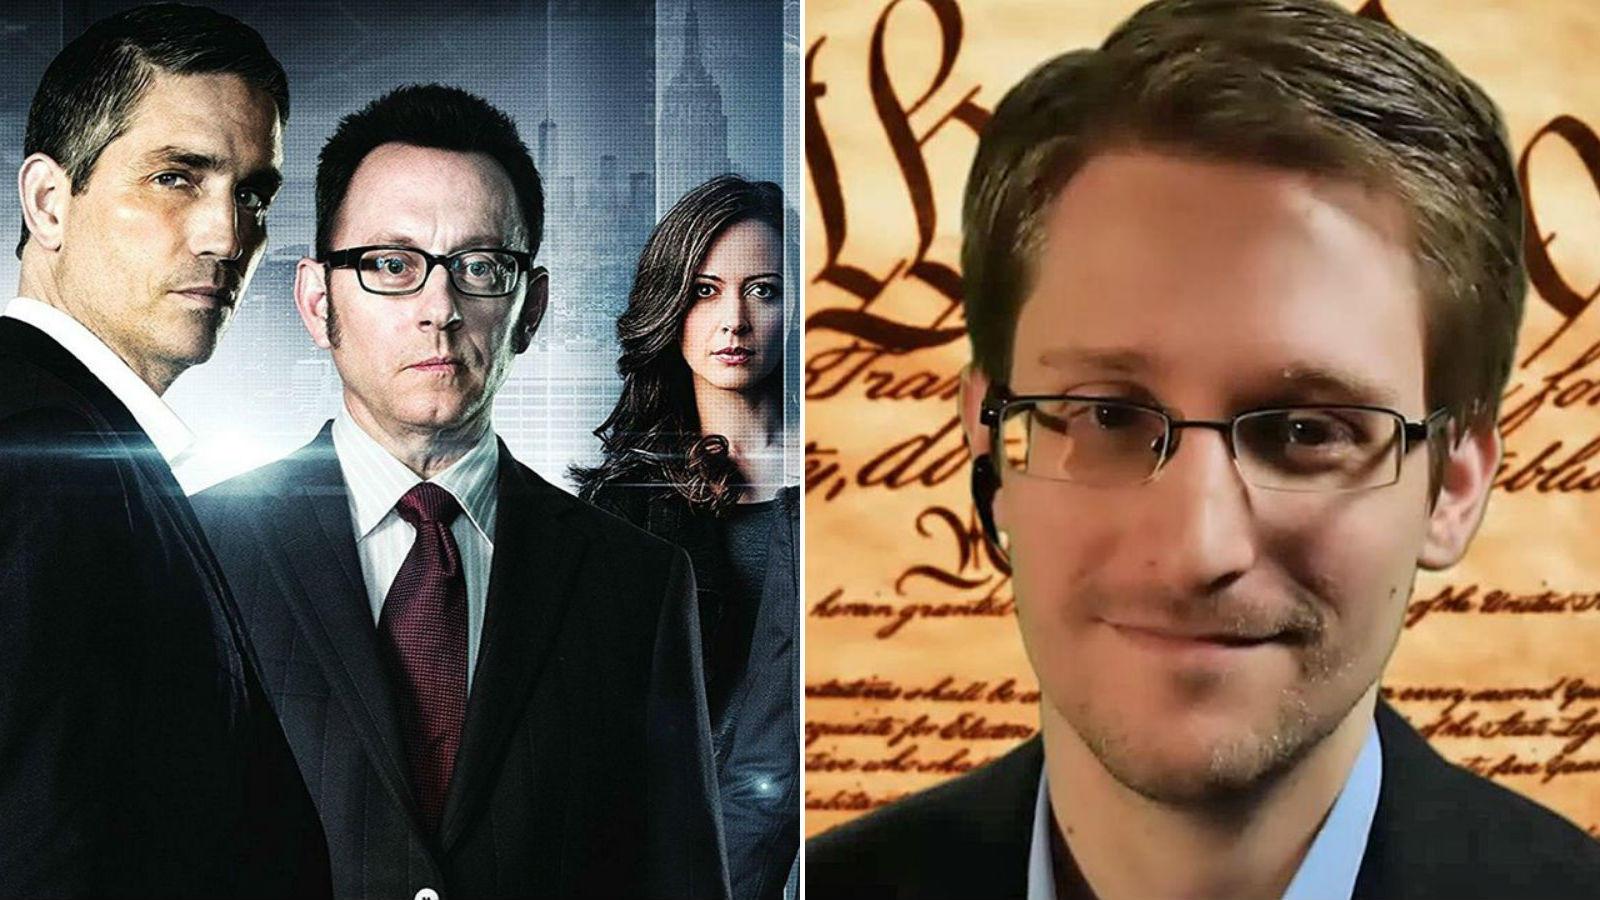 """Peck rájön, hogy cége nagy kaliberű, illegális megfigyeléseket tart. Titokban kiszivárogtatja ezt az információt az újságíróknak, minekutána elkezdi üldözni a kormány. Mindezt egy évvel az """"igazi"""", kísértetiesen hasonló Edward Snowdenes eset előtt adták a televíziók. (Warner Bros./ digitaltrends.com)"""